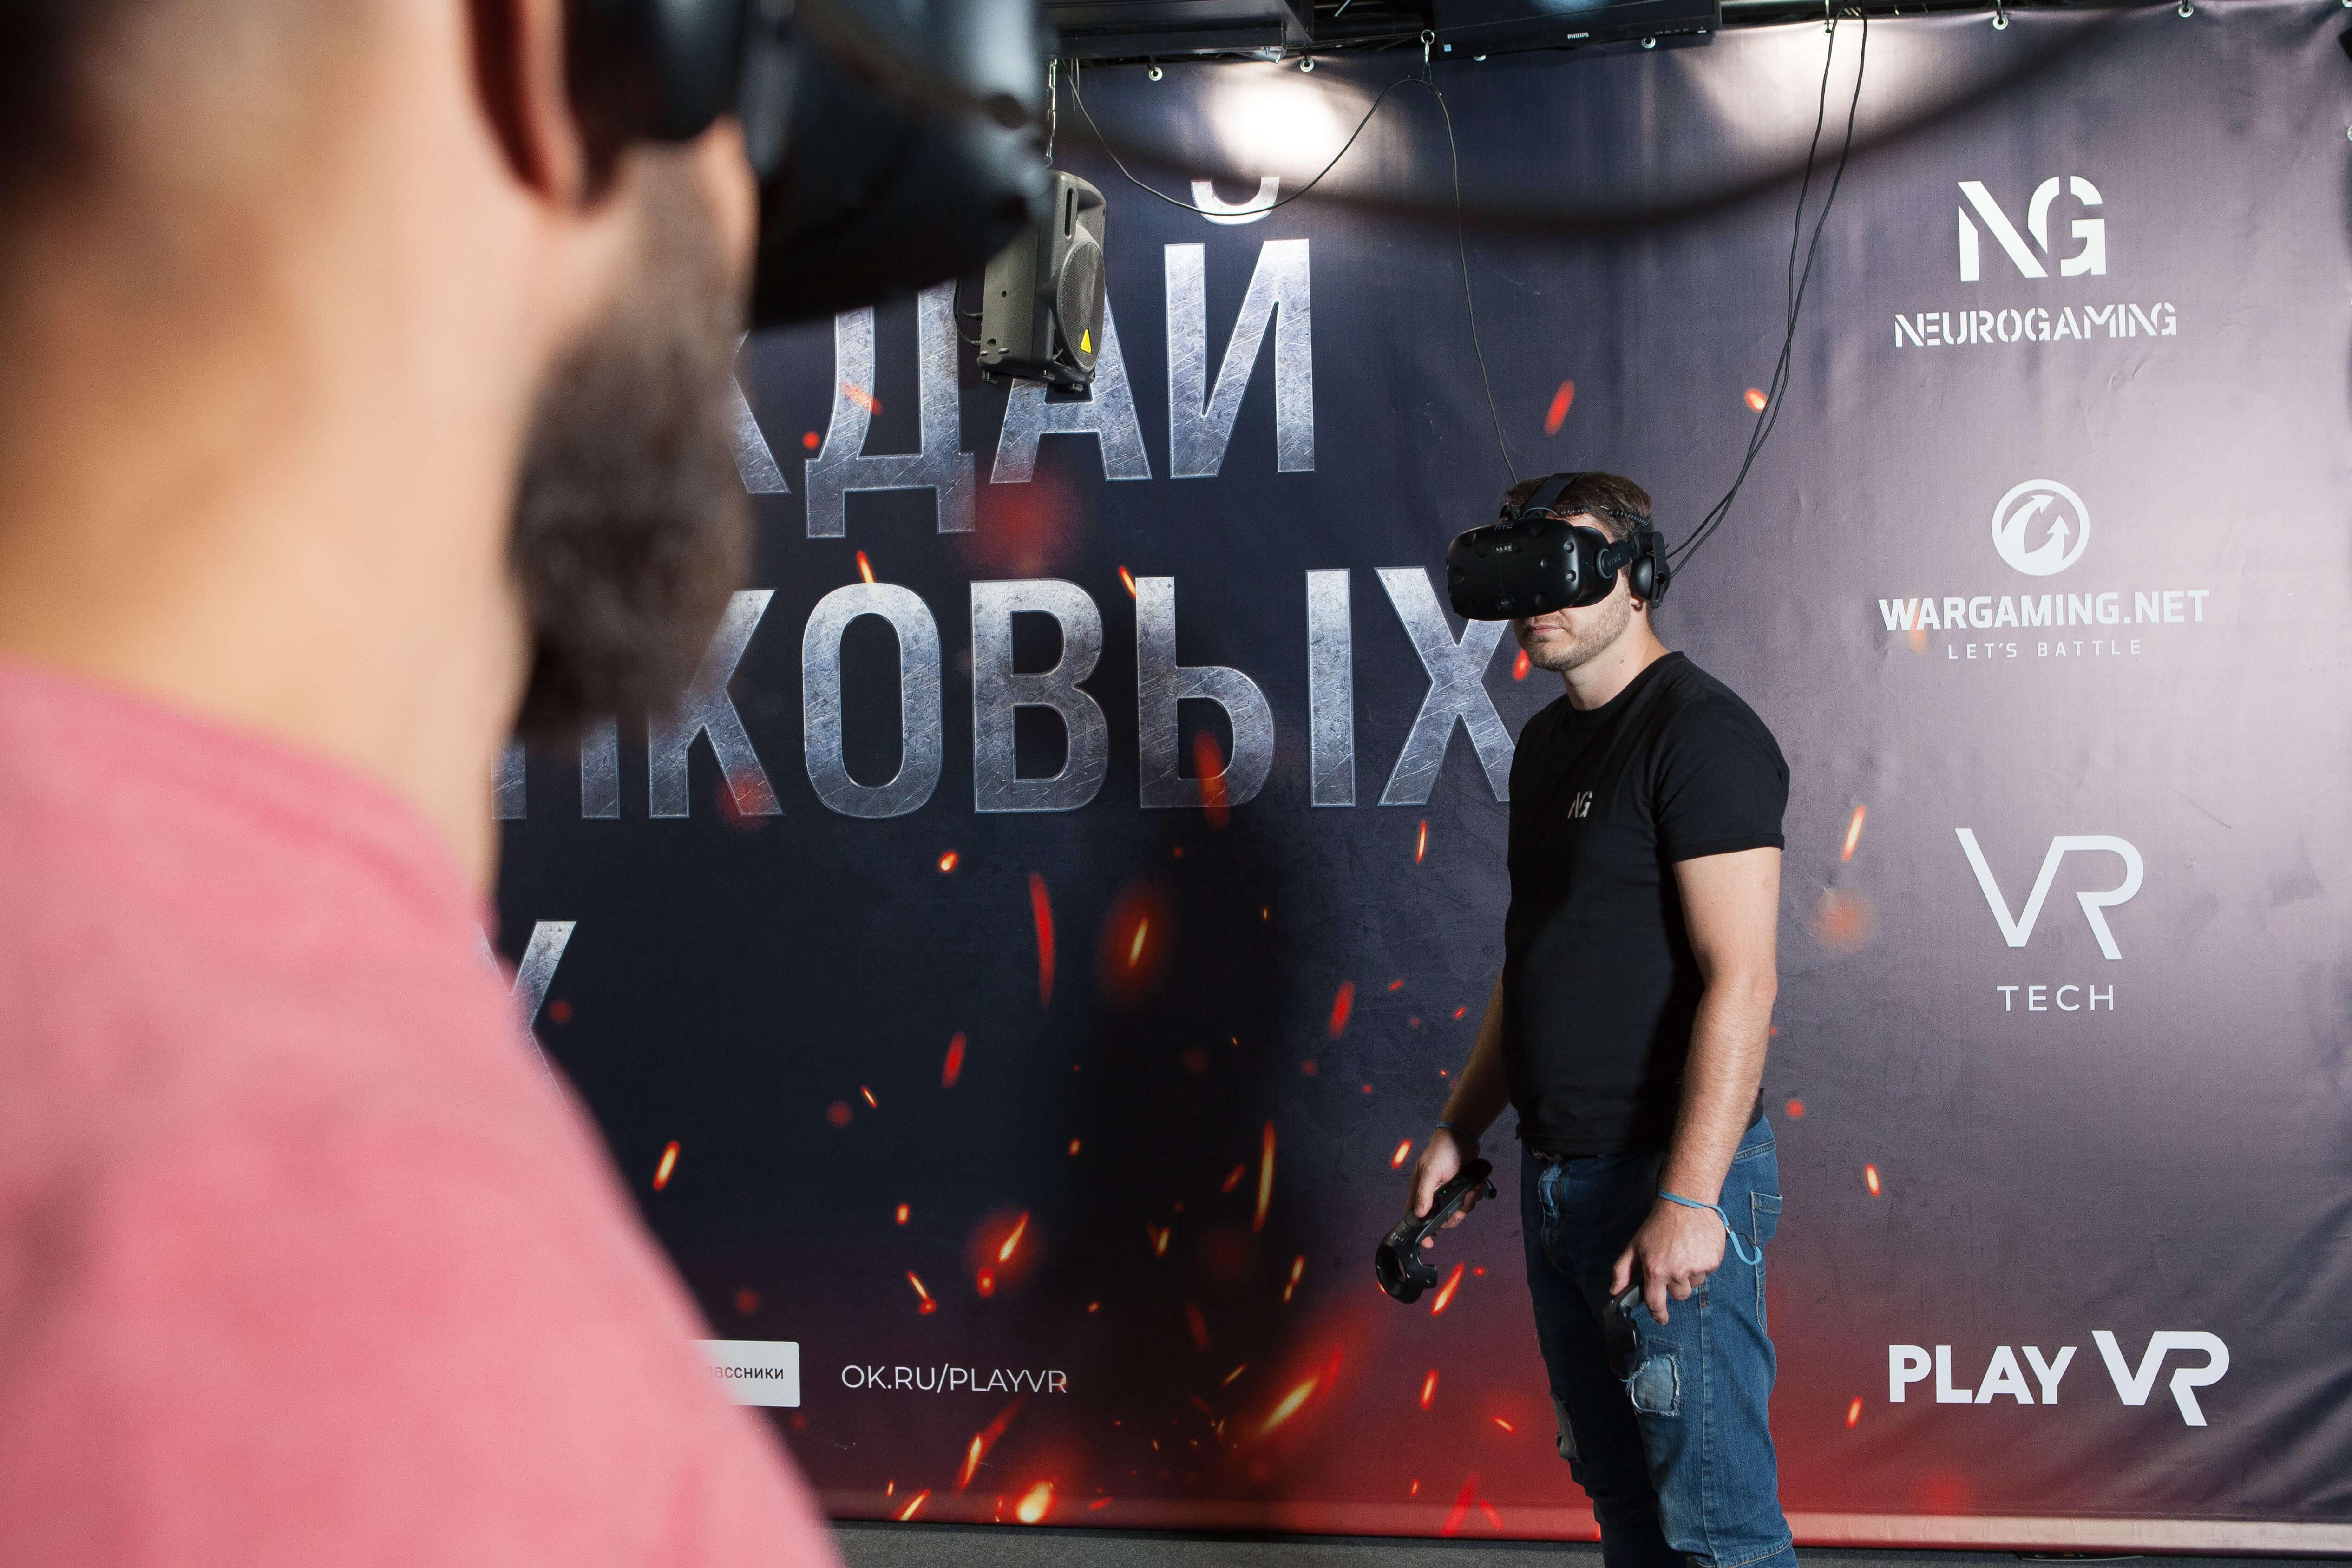 Vr клуб в москва сити вакансий ночных клубов москвы